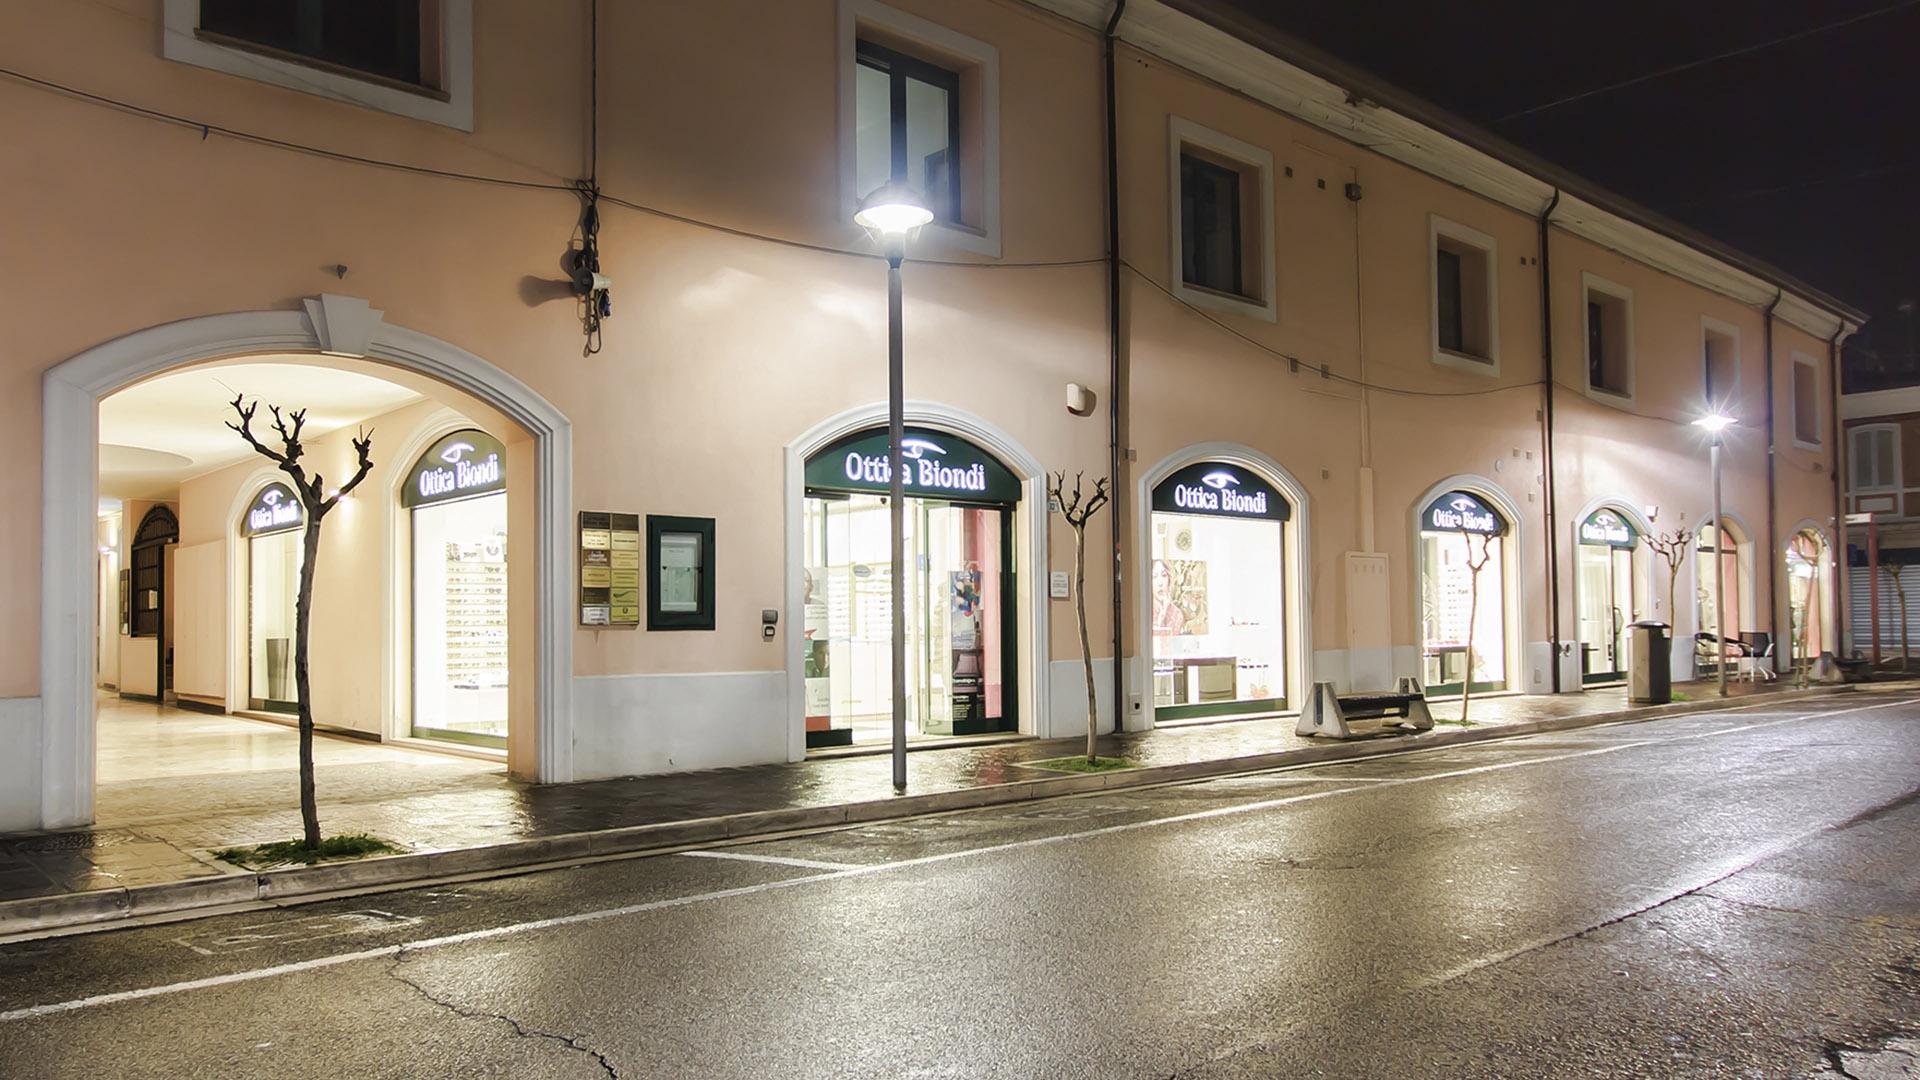 Ottica Biondi - Via Bucci 32 C - Morciano Di Romagna